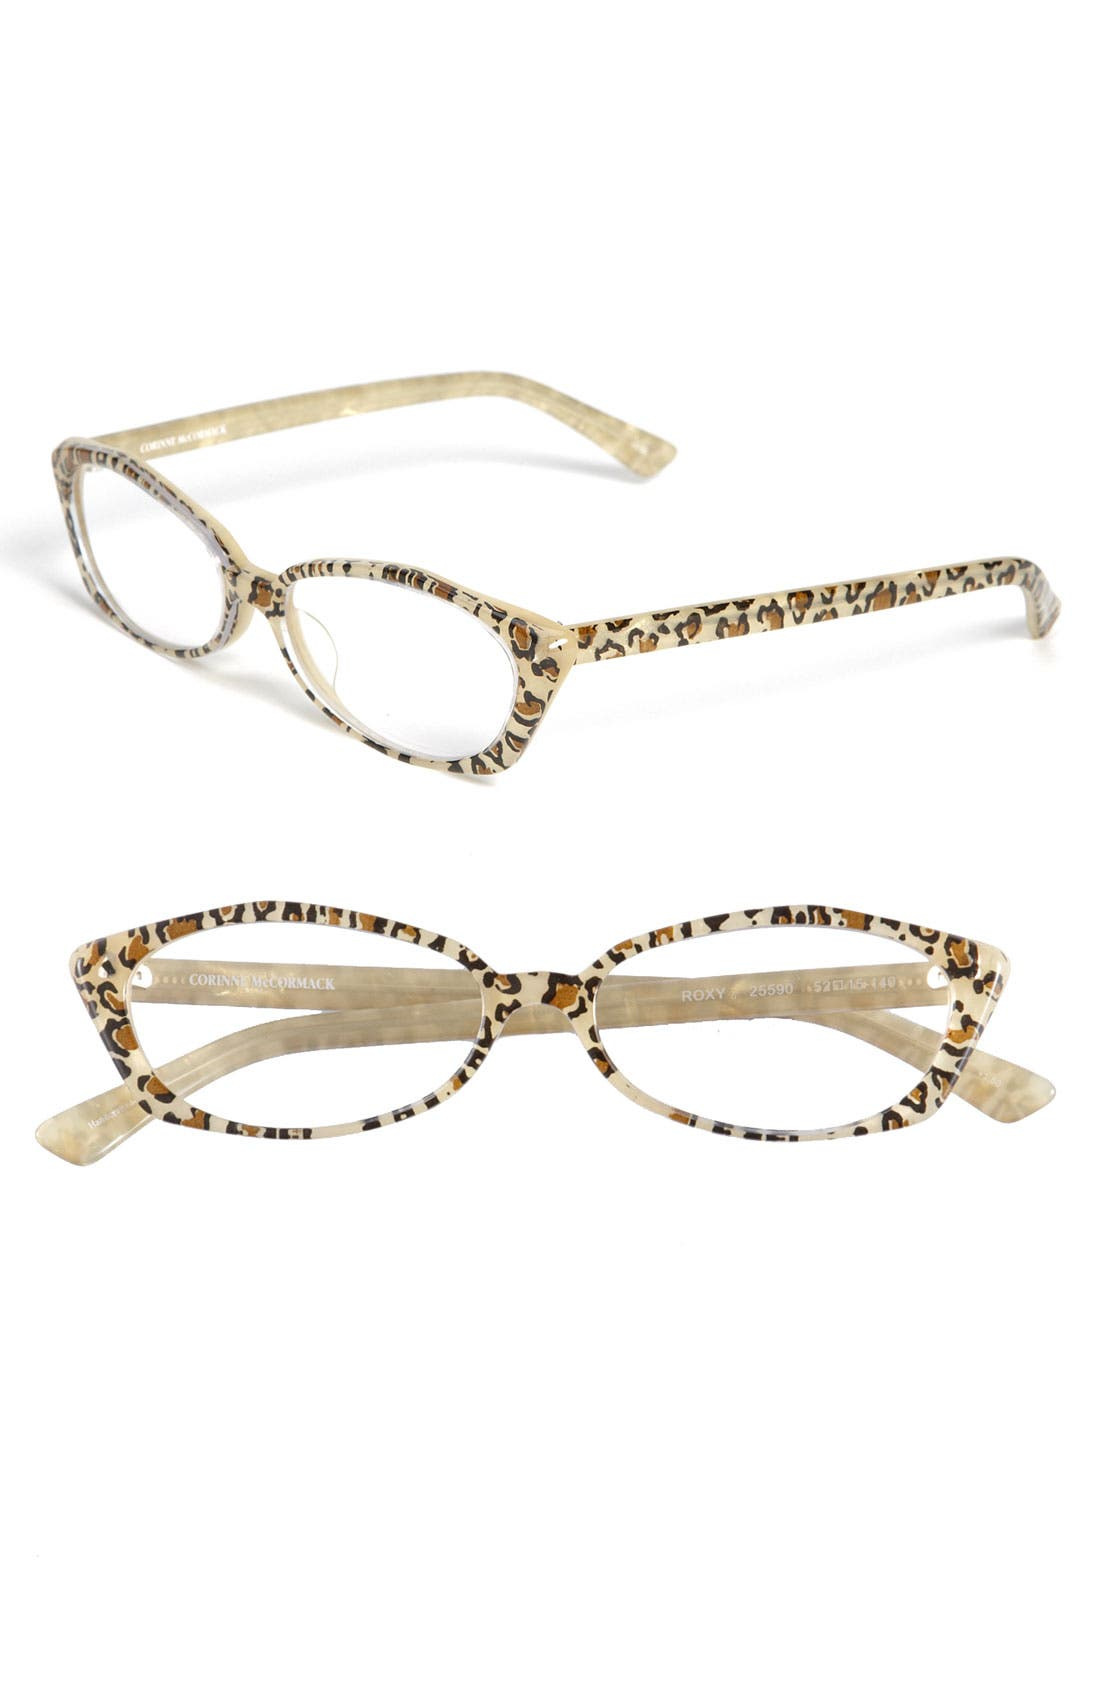 Alternate Image 1 Selected - Corinne McCormack Cat's Eye Reading Glasses